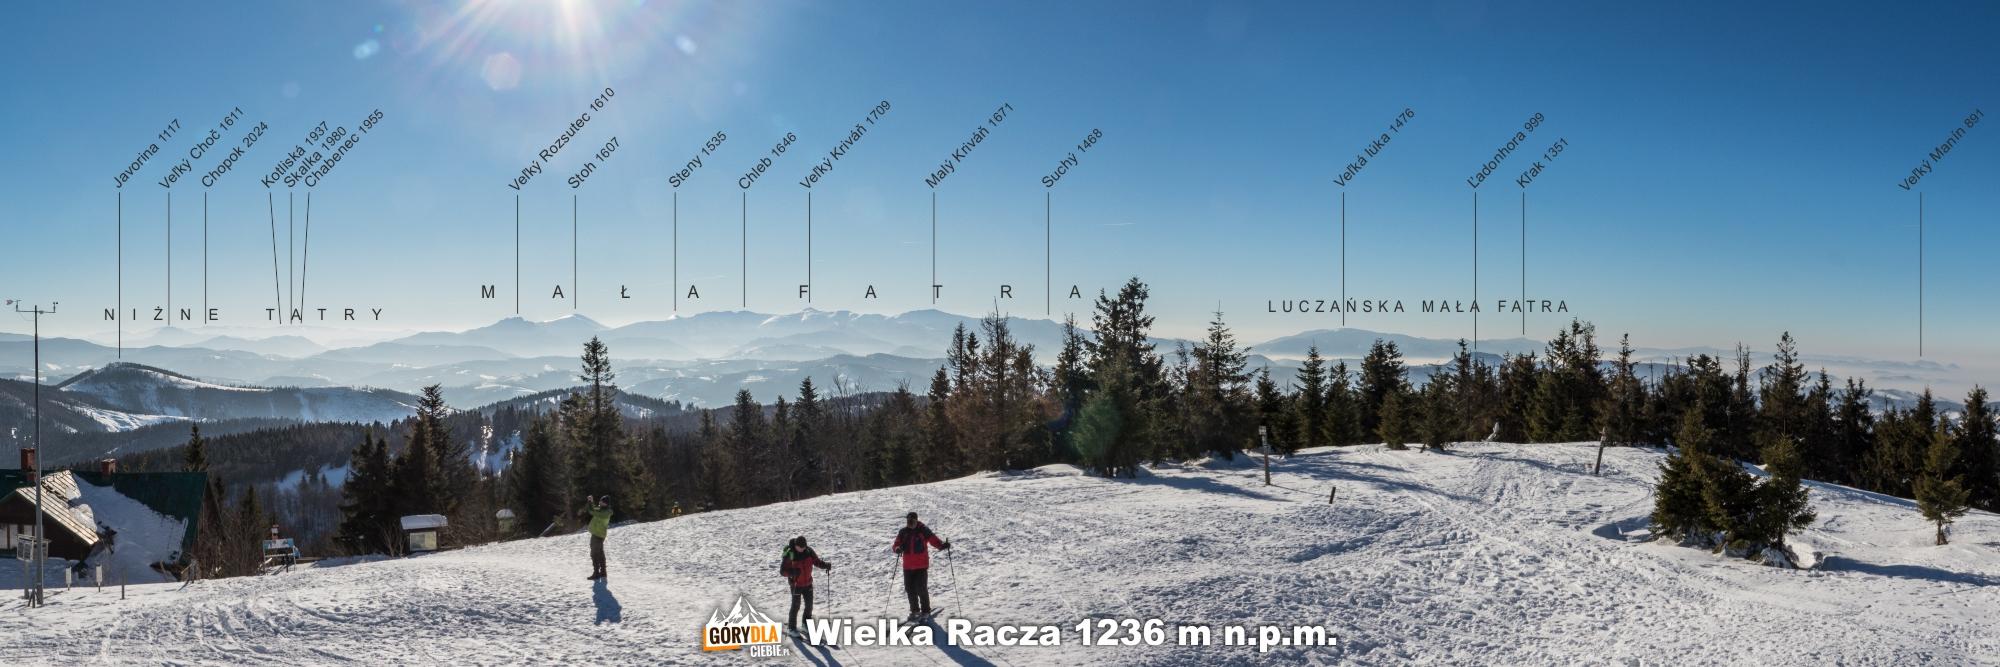 Panorama zeszczytu Wielkiej Raczy (1236 m) napołudnie